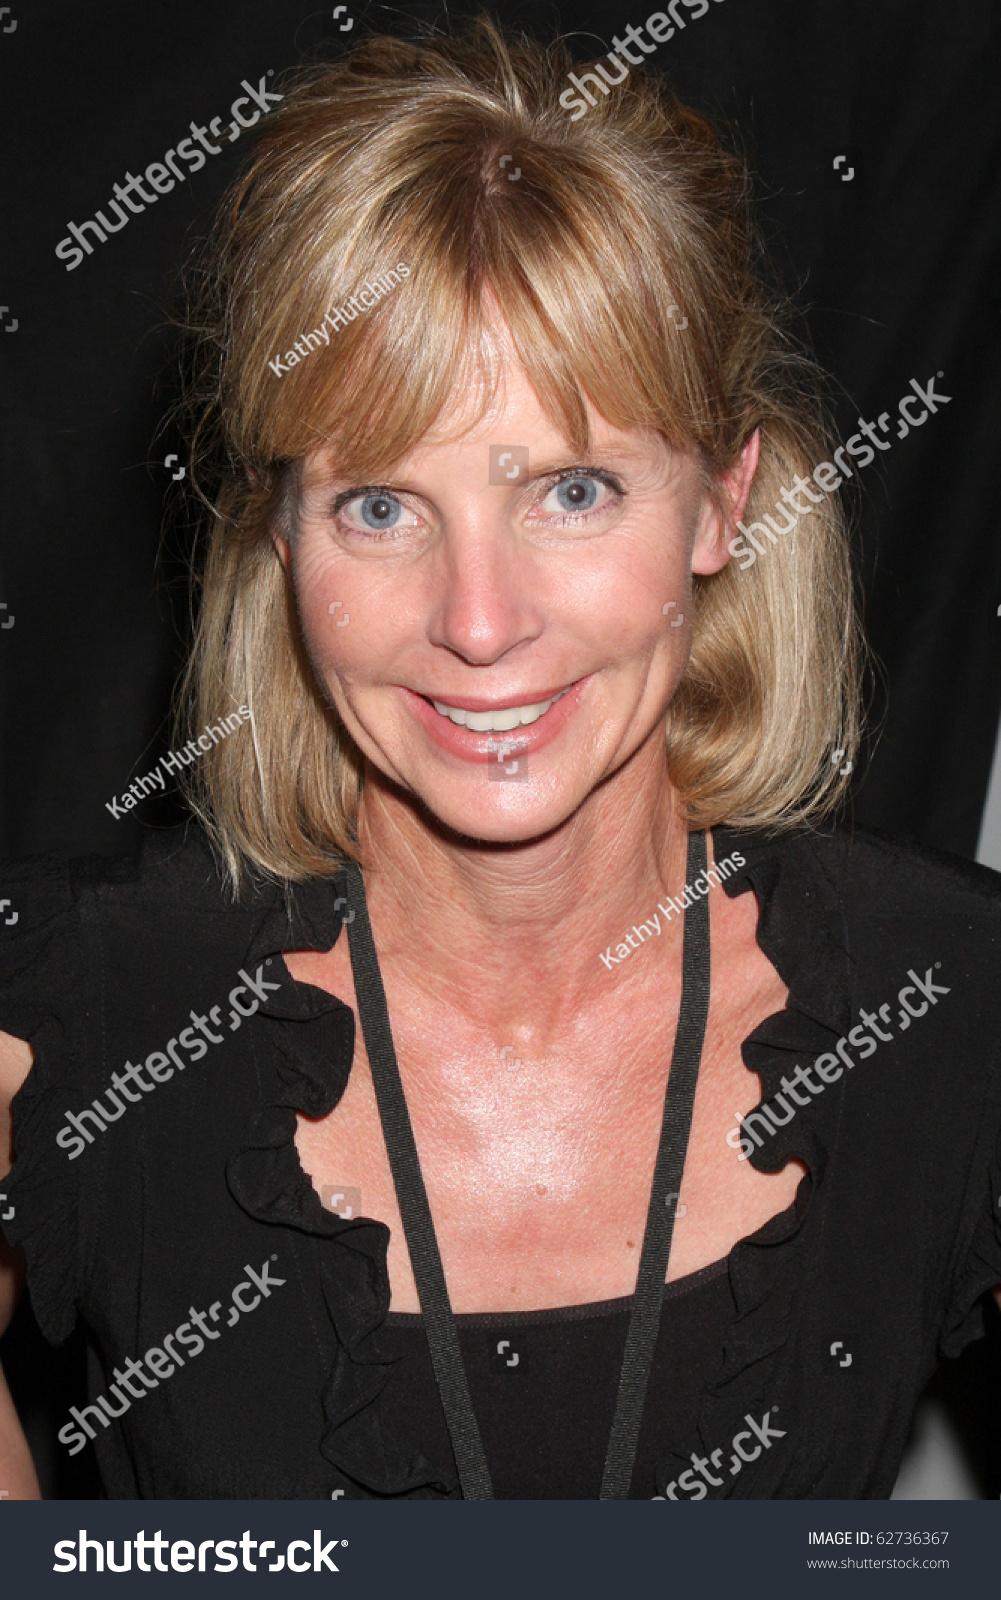 Julie montgomery actress